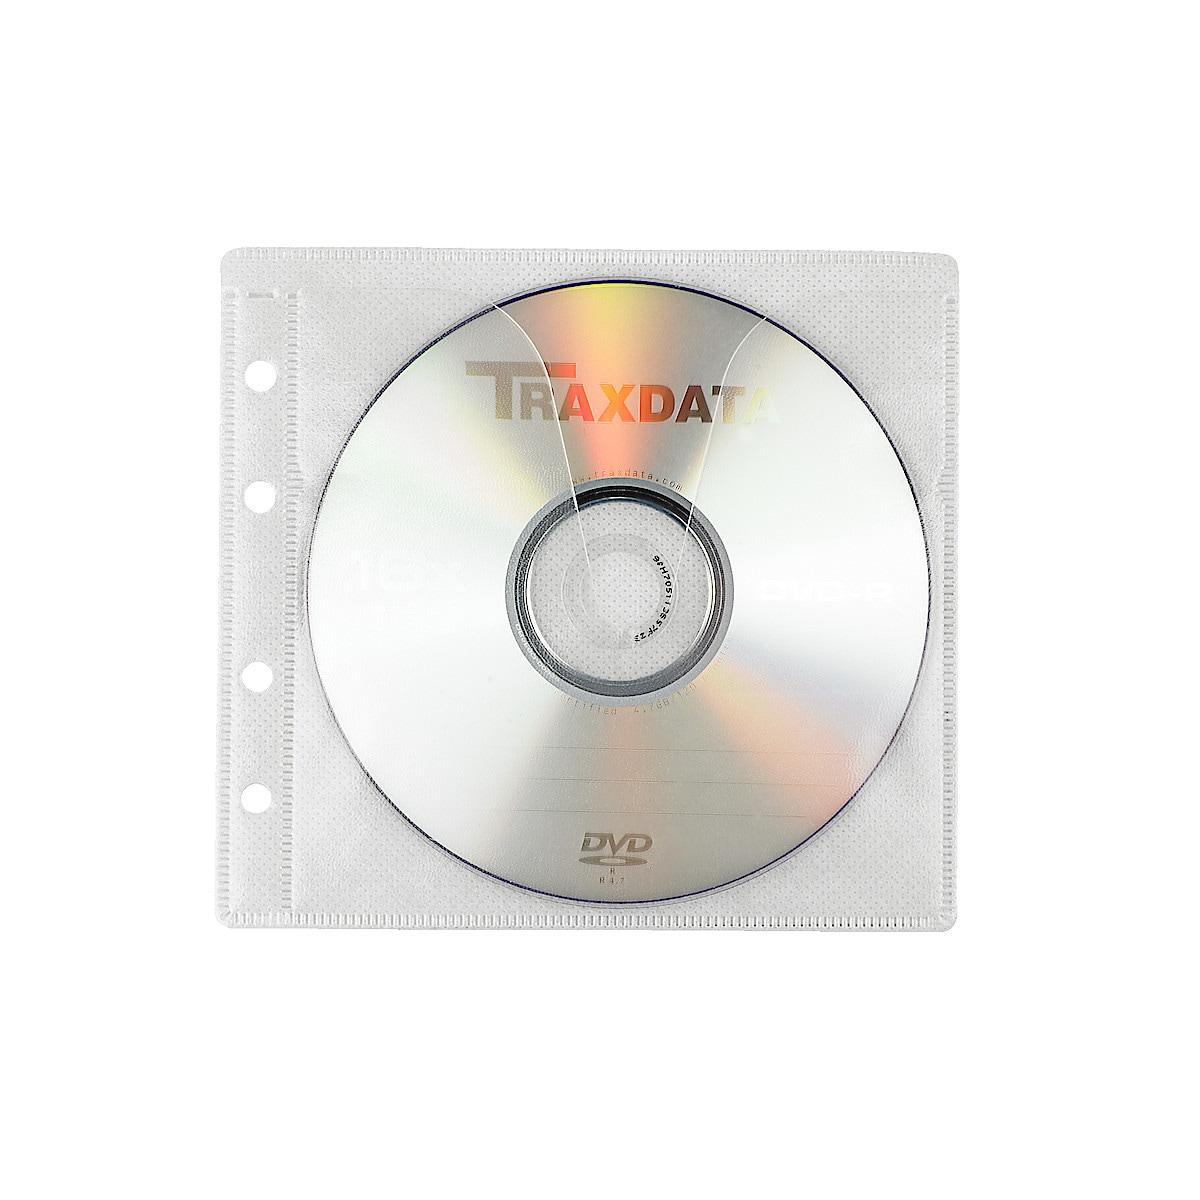 CD/DVD-fickor